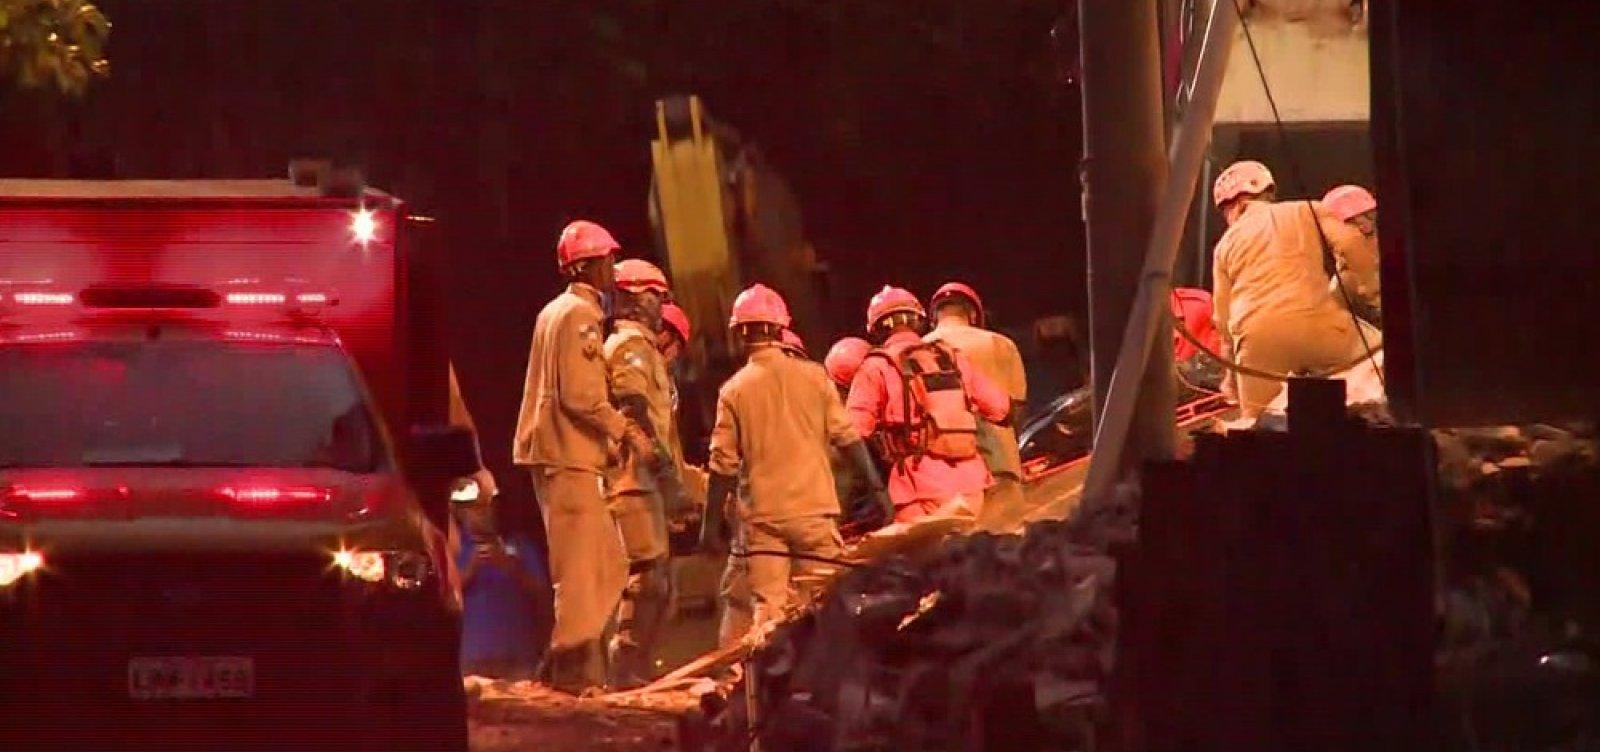 Mais dois corpos são encontrados no Rio; número de mortos chega a 20